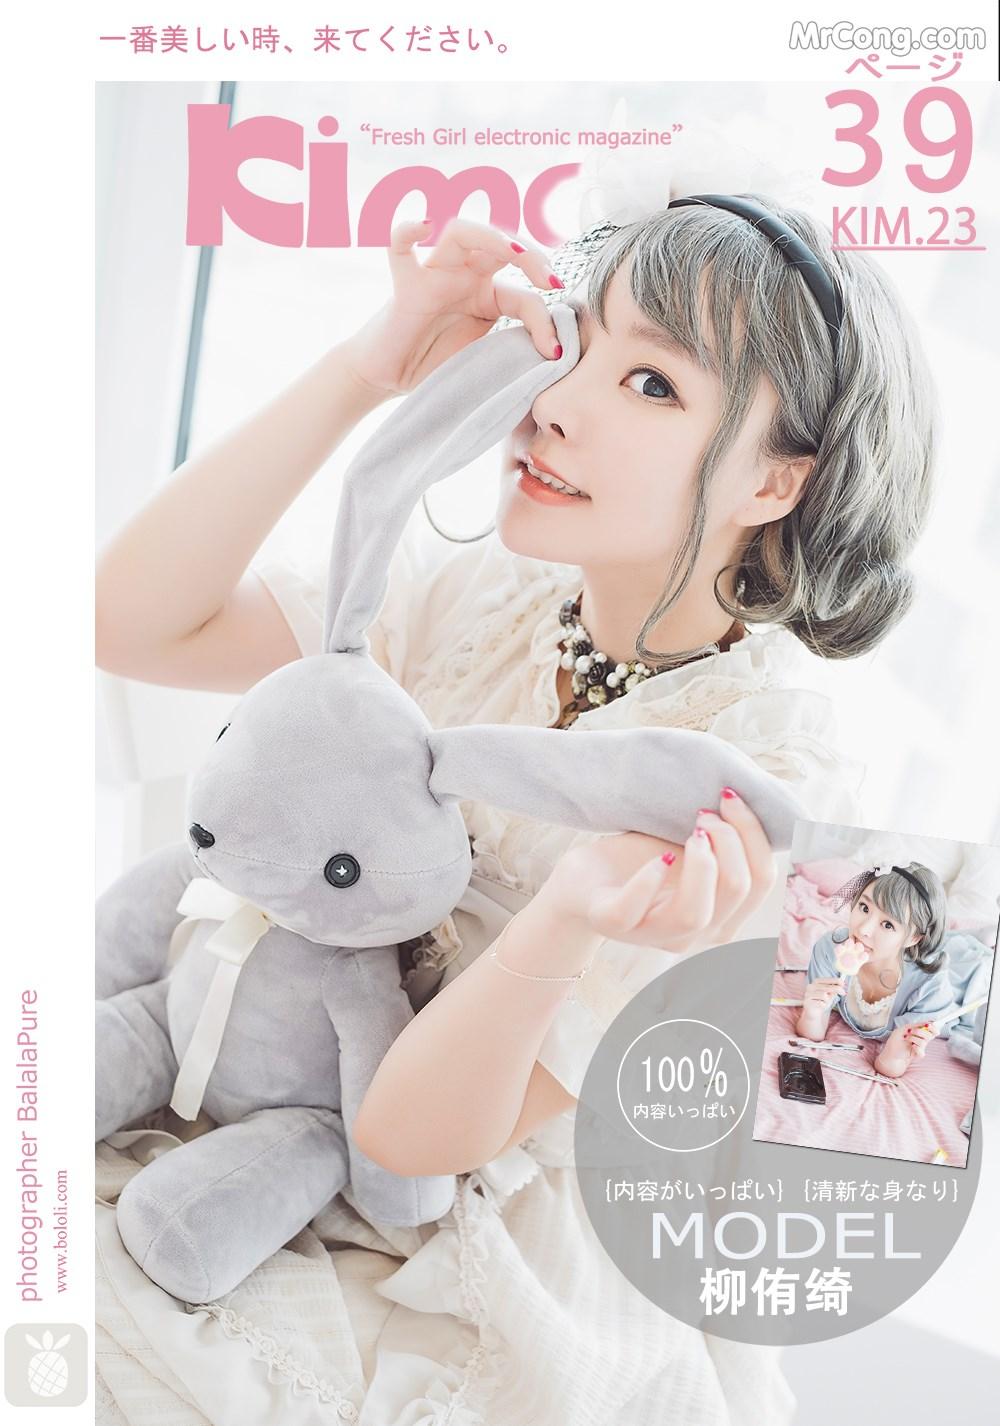 Kimoe Vol.023: Người mẫu Liu You Qi Sevenbaby (柳侑绮) (40 ảnh)